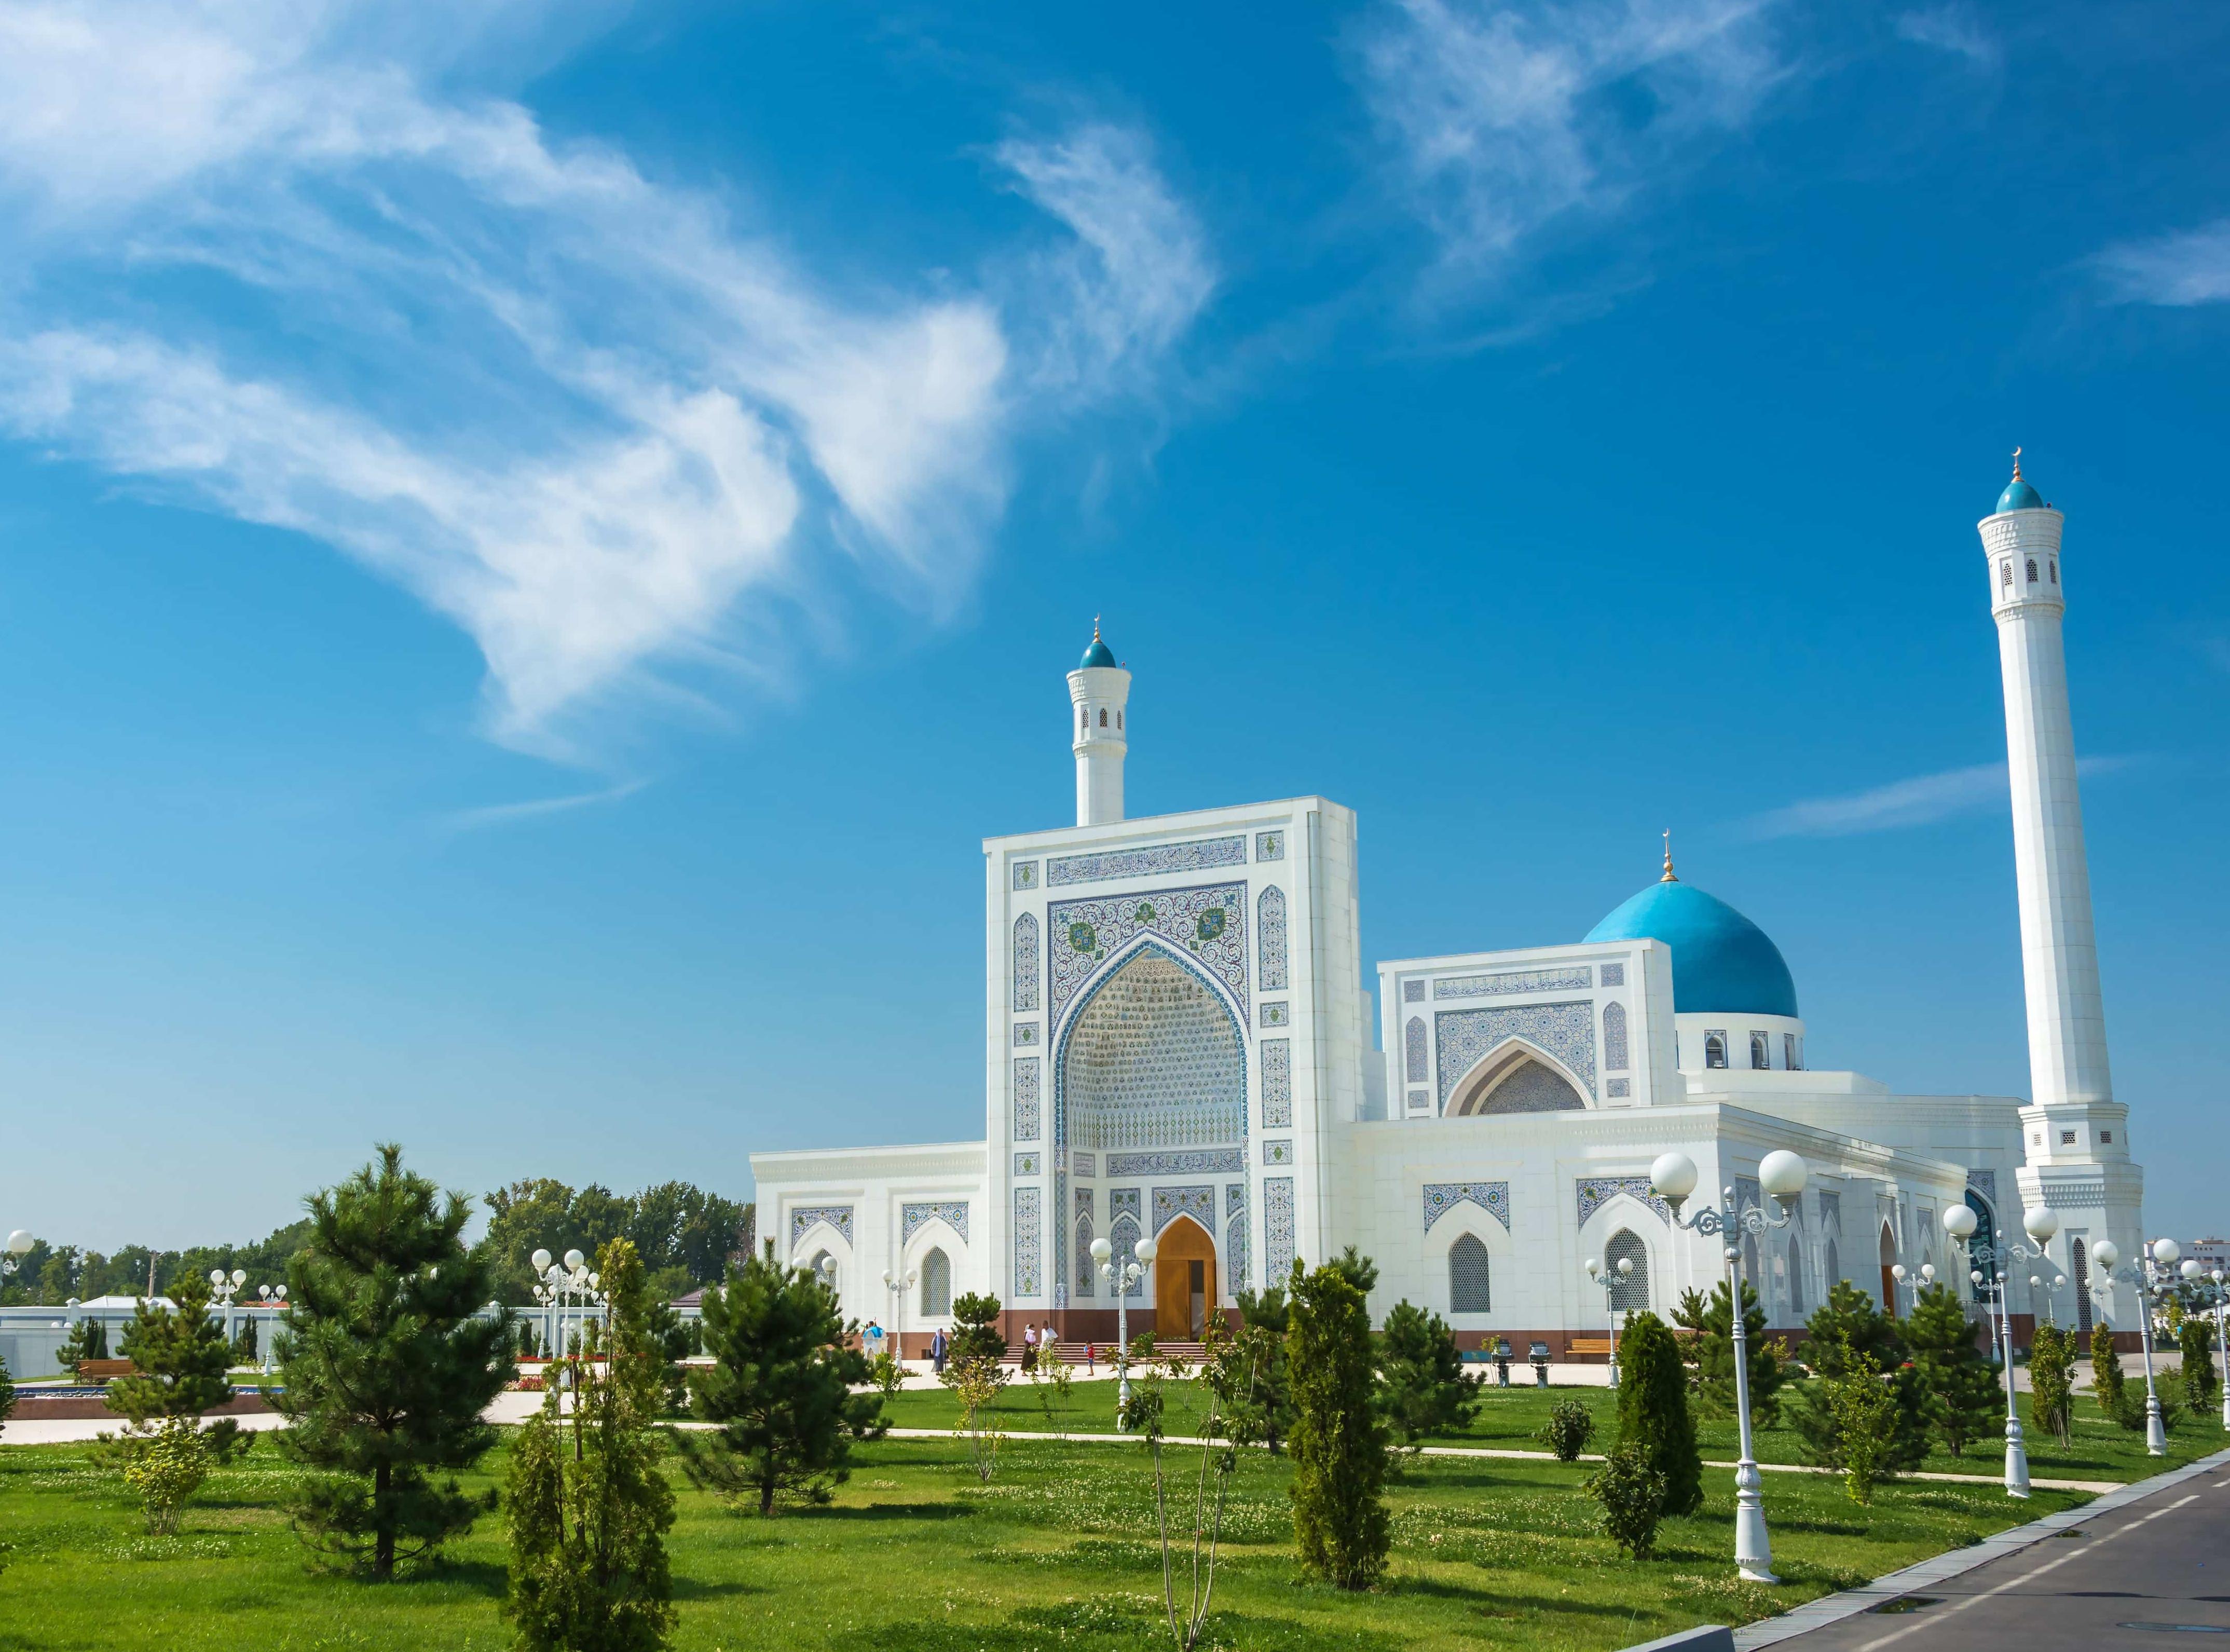 skyup-vikonaye-dva-neregulyarnih-rejsi-kiyiv-tashkent-kiyiv